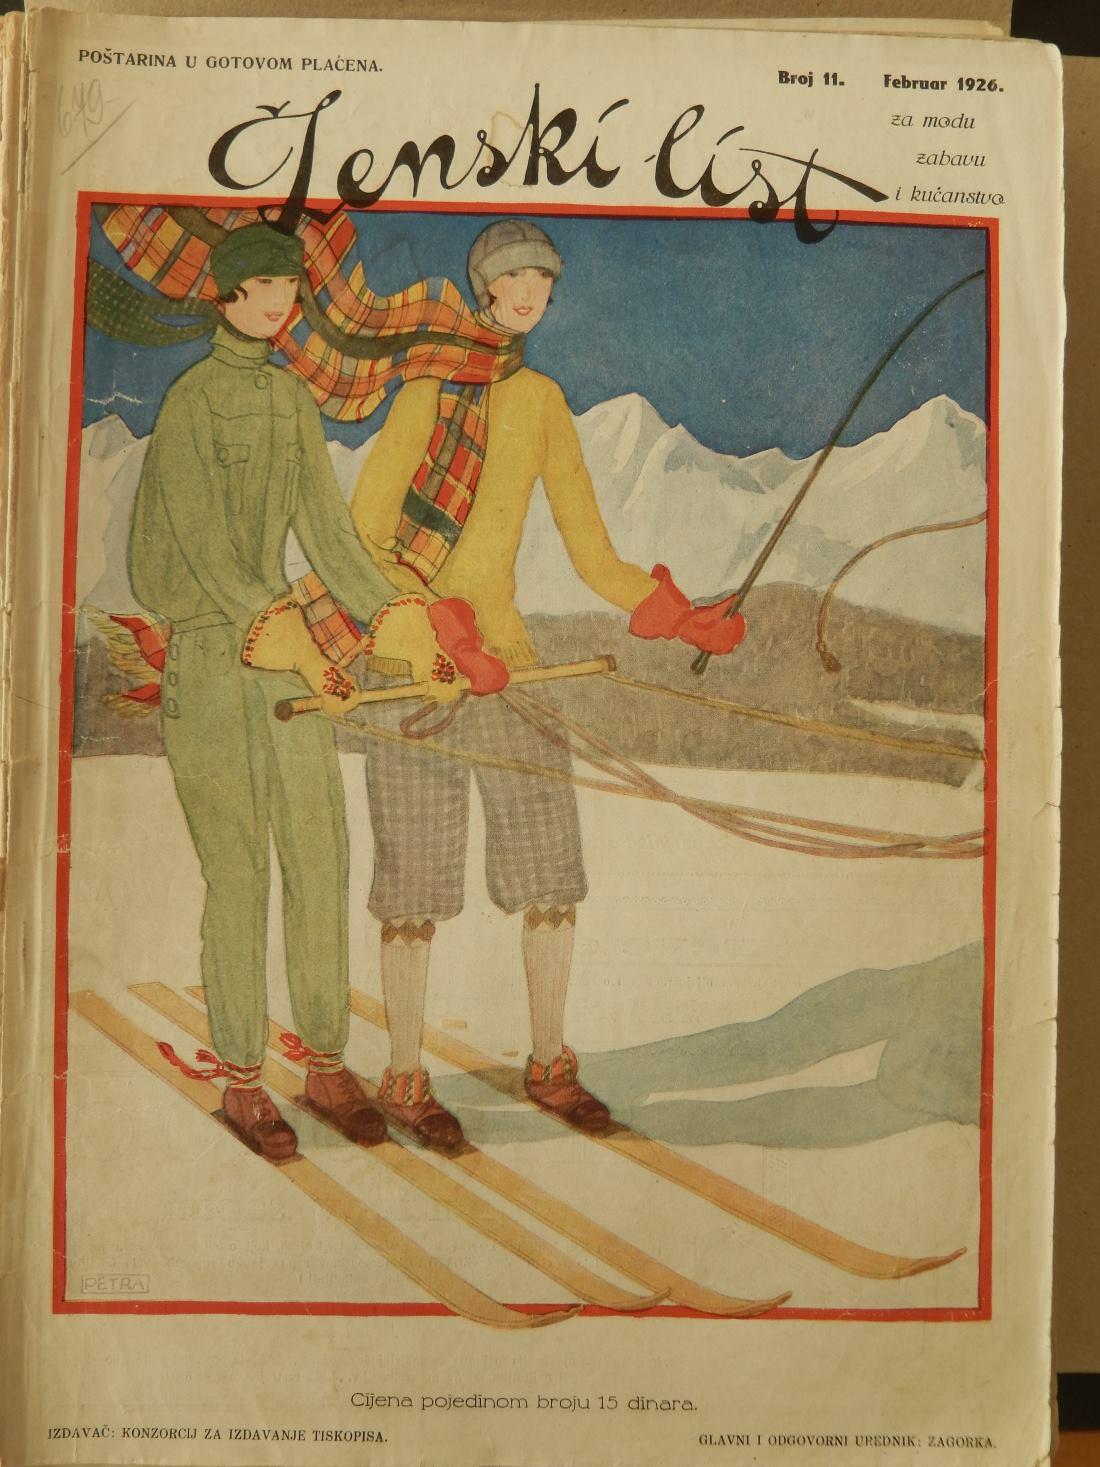 Na stranicama ilustriranih časopisa krajem 1920-ih nalaze se žene koje igraju tenis, rukomet, skijaju ili se čak bave streljaštvom, a Ženski list vrlo rano uvodi i kolumnu 'Gimnastika' FOTO: Nacional